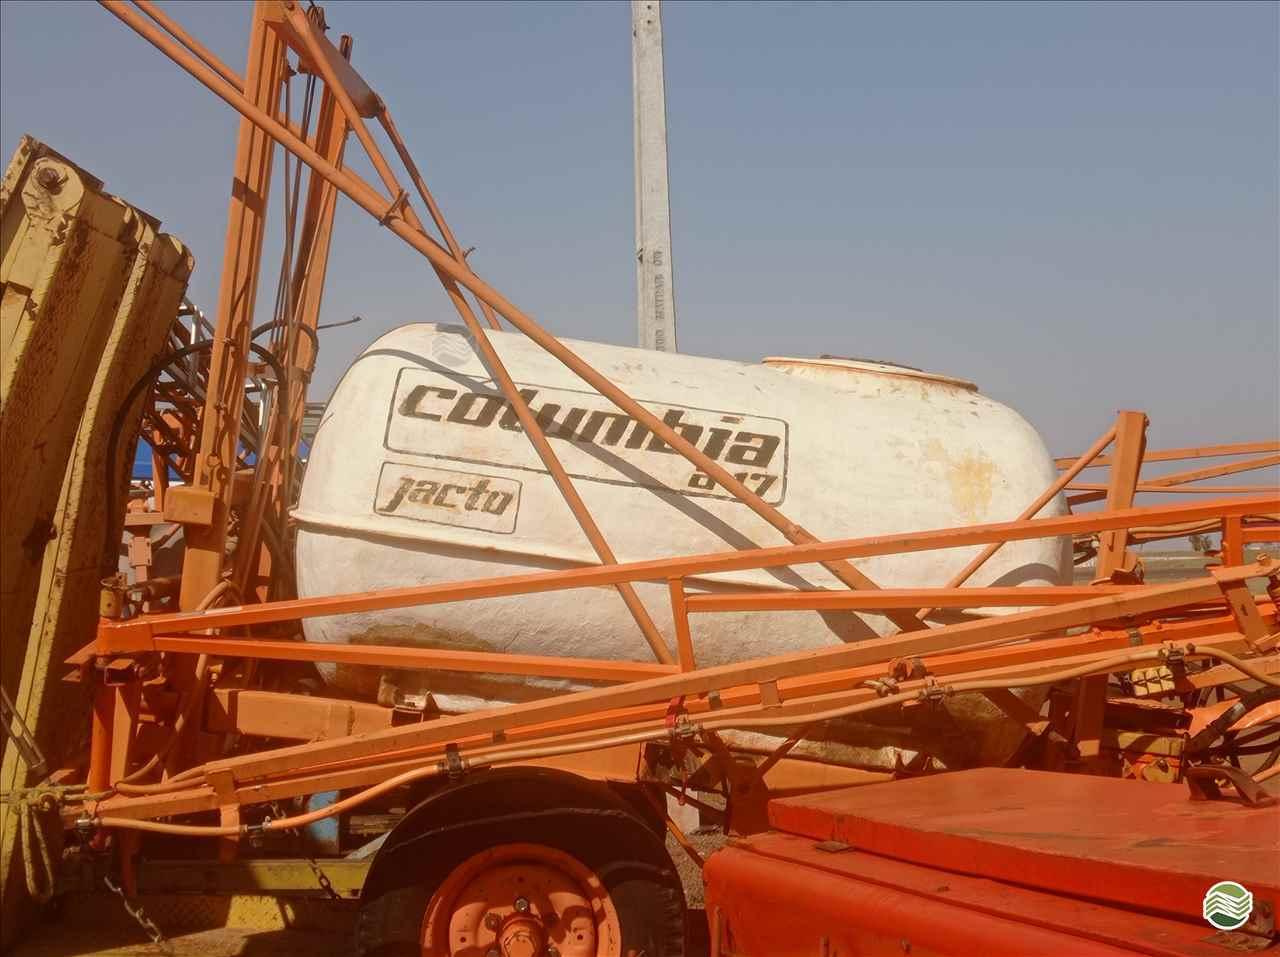 PULVERIZADOR JACTO COLUMBIA A17 Arrasto Mezenga Máquinas DOURADOS MATO GROSSO DO SUL MS